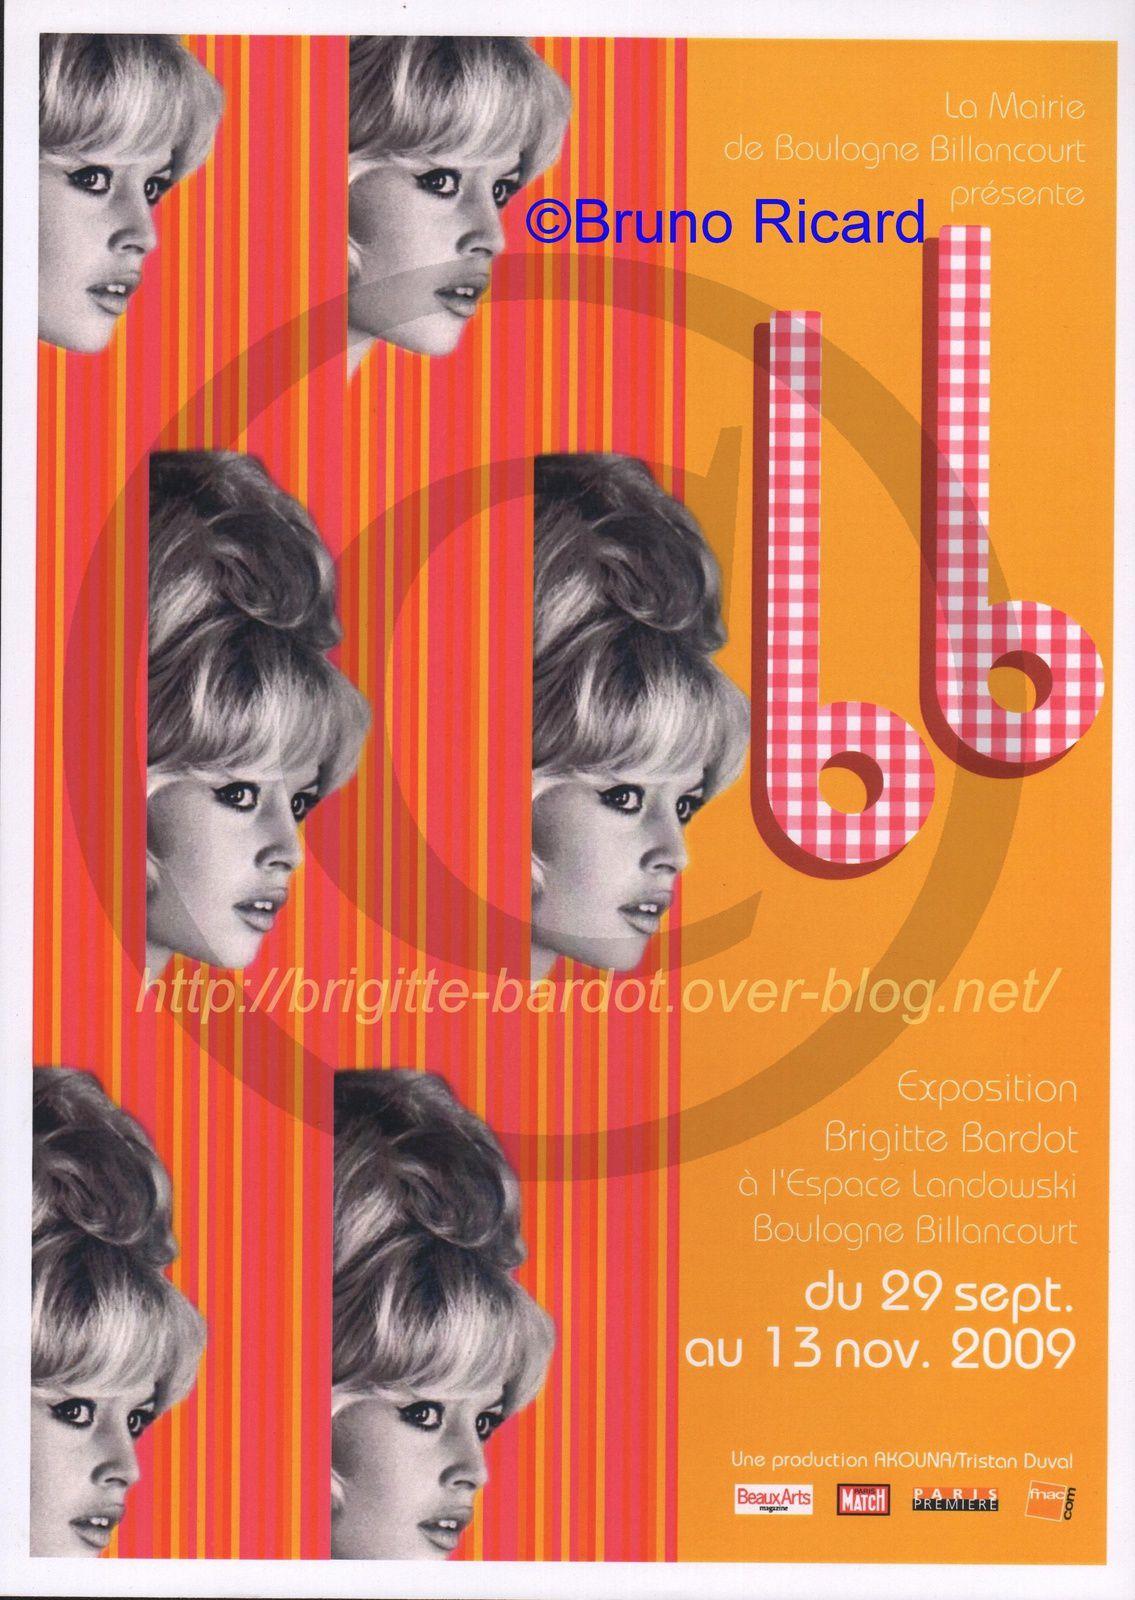 Brigitte Bardot...exposition